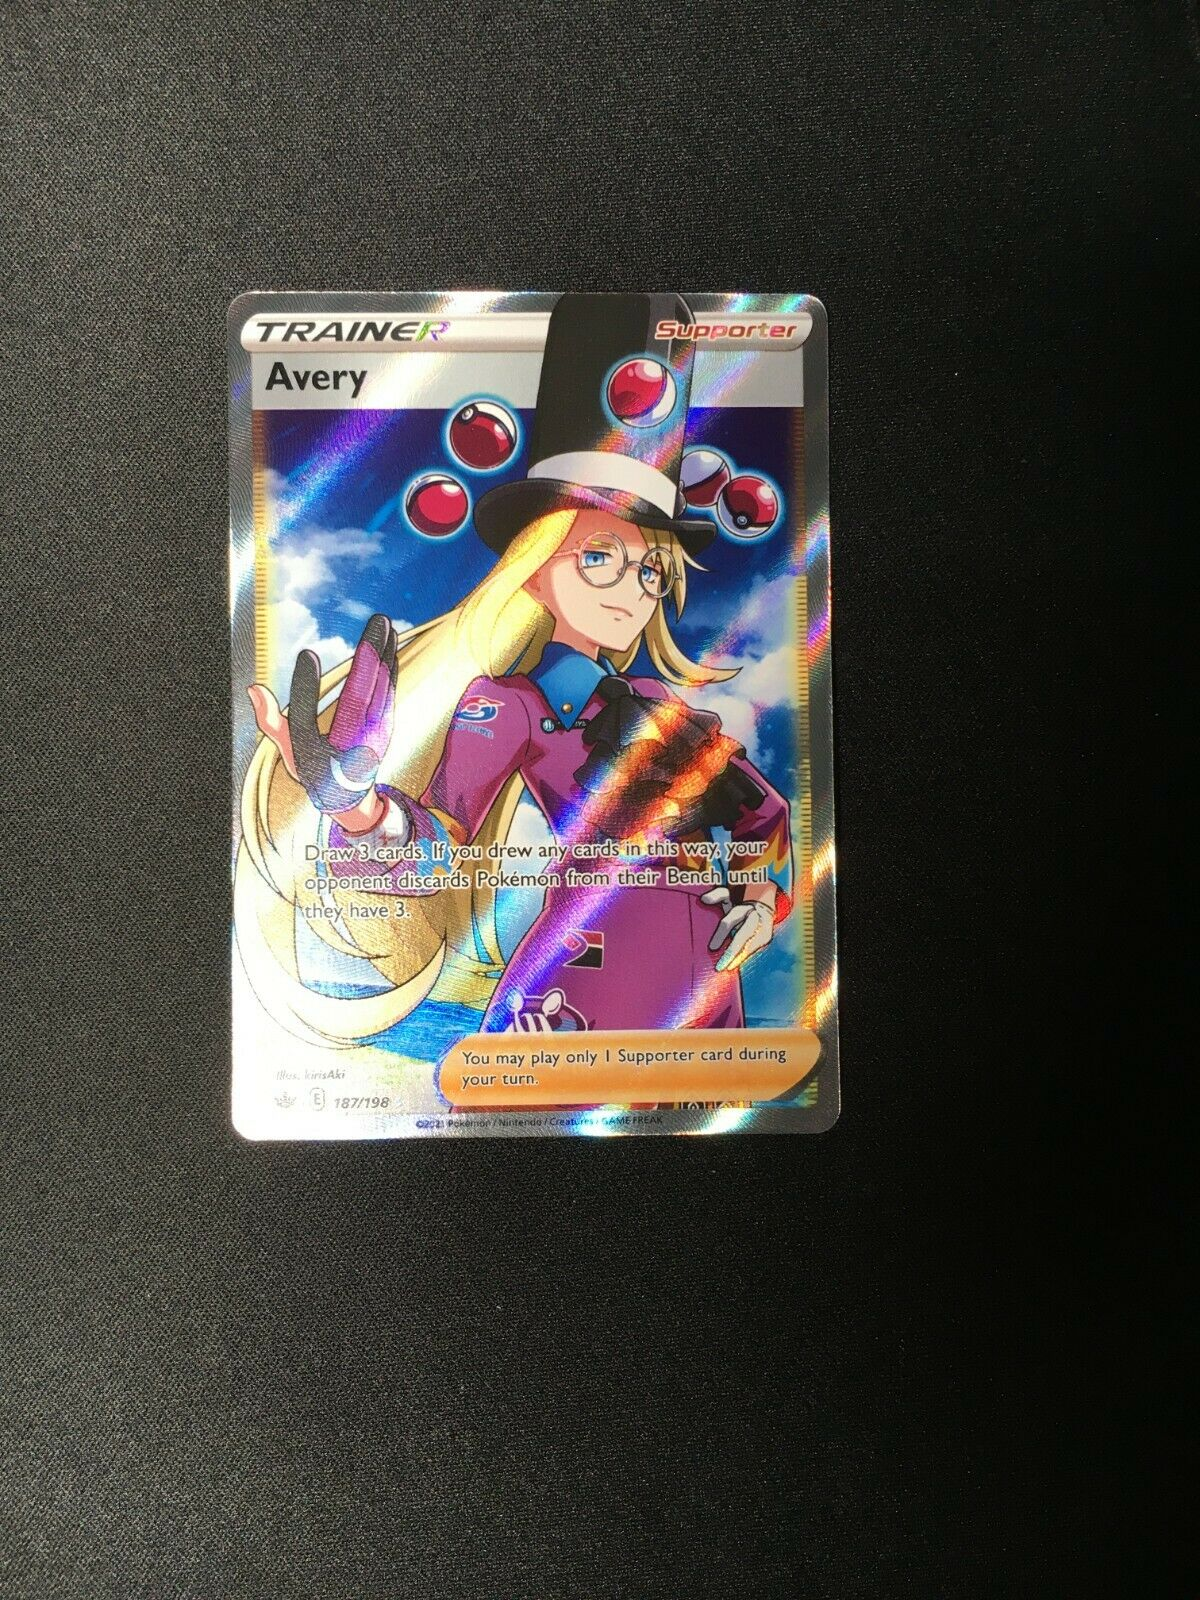 🎩 Avery 187/198 FULL ART Trainer Rare Pokemon TCG Card Mint/NM Chilling Reign